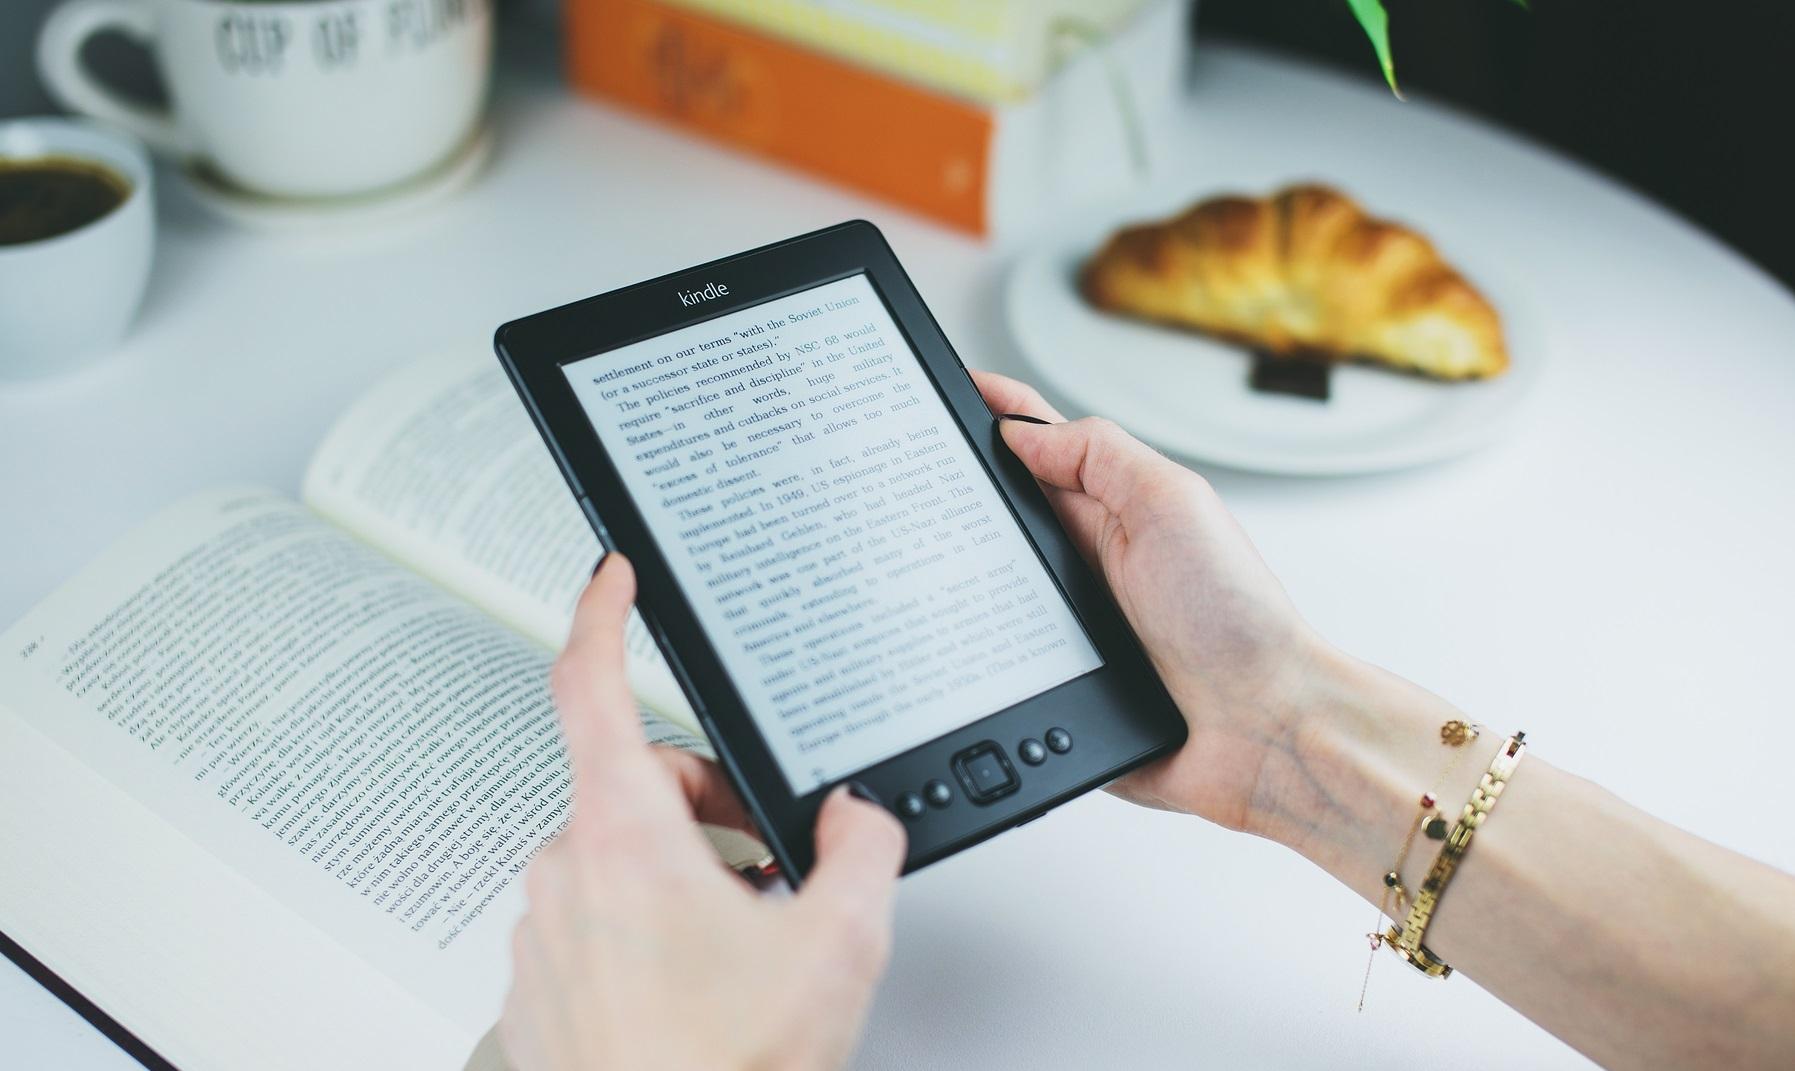 Лучшие книги про технологии